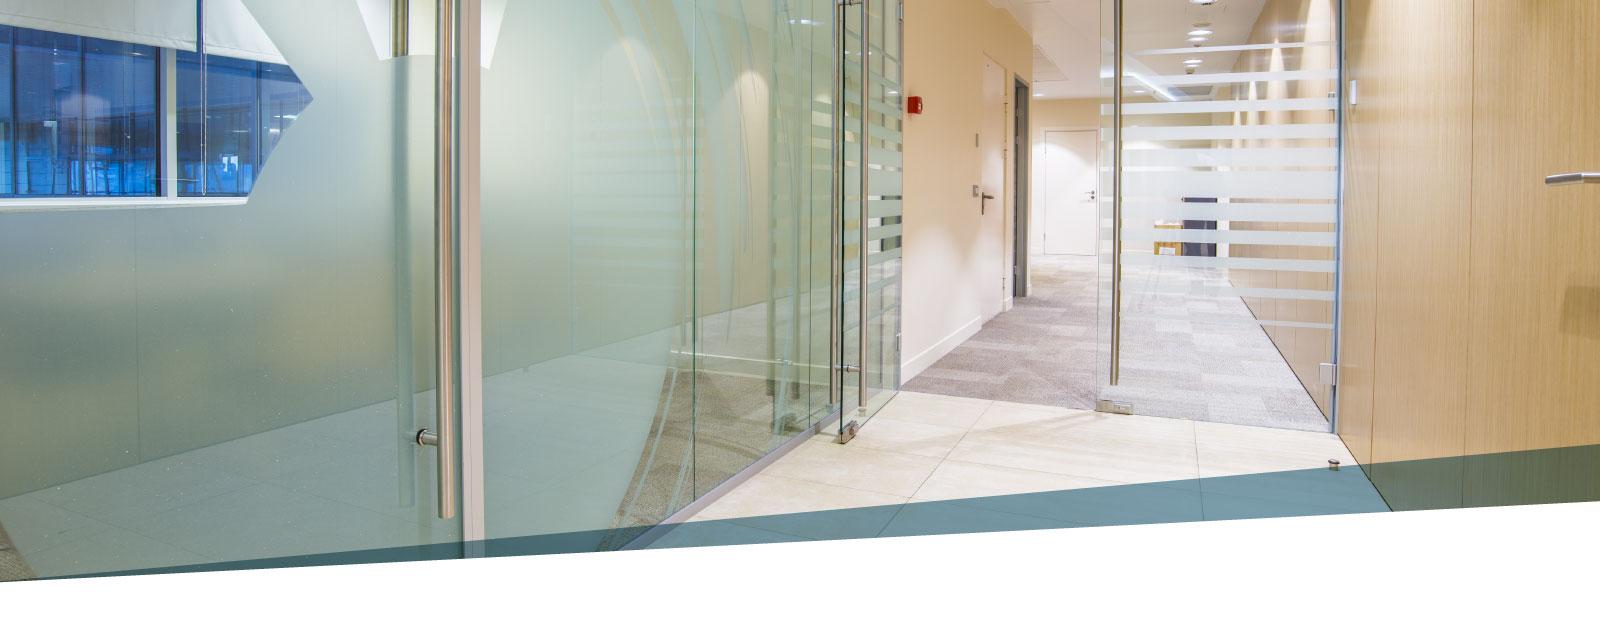 Porte scorrevoli in vetro design e praticita tutto su - Porte in vetro design ...